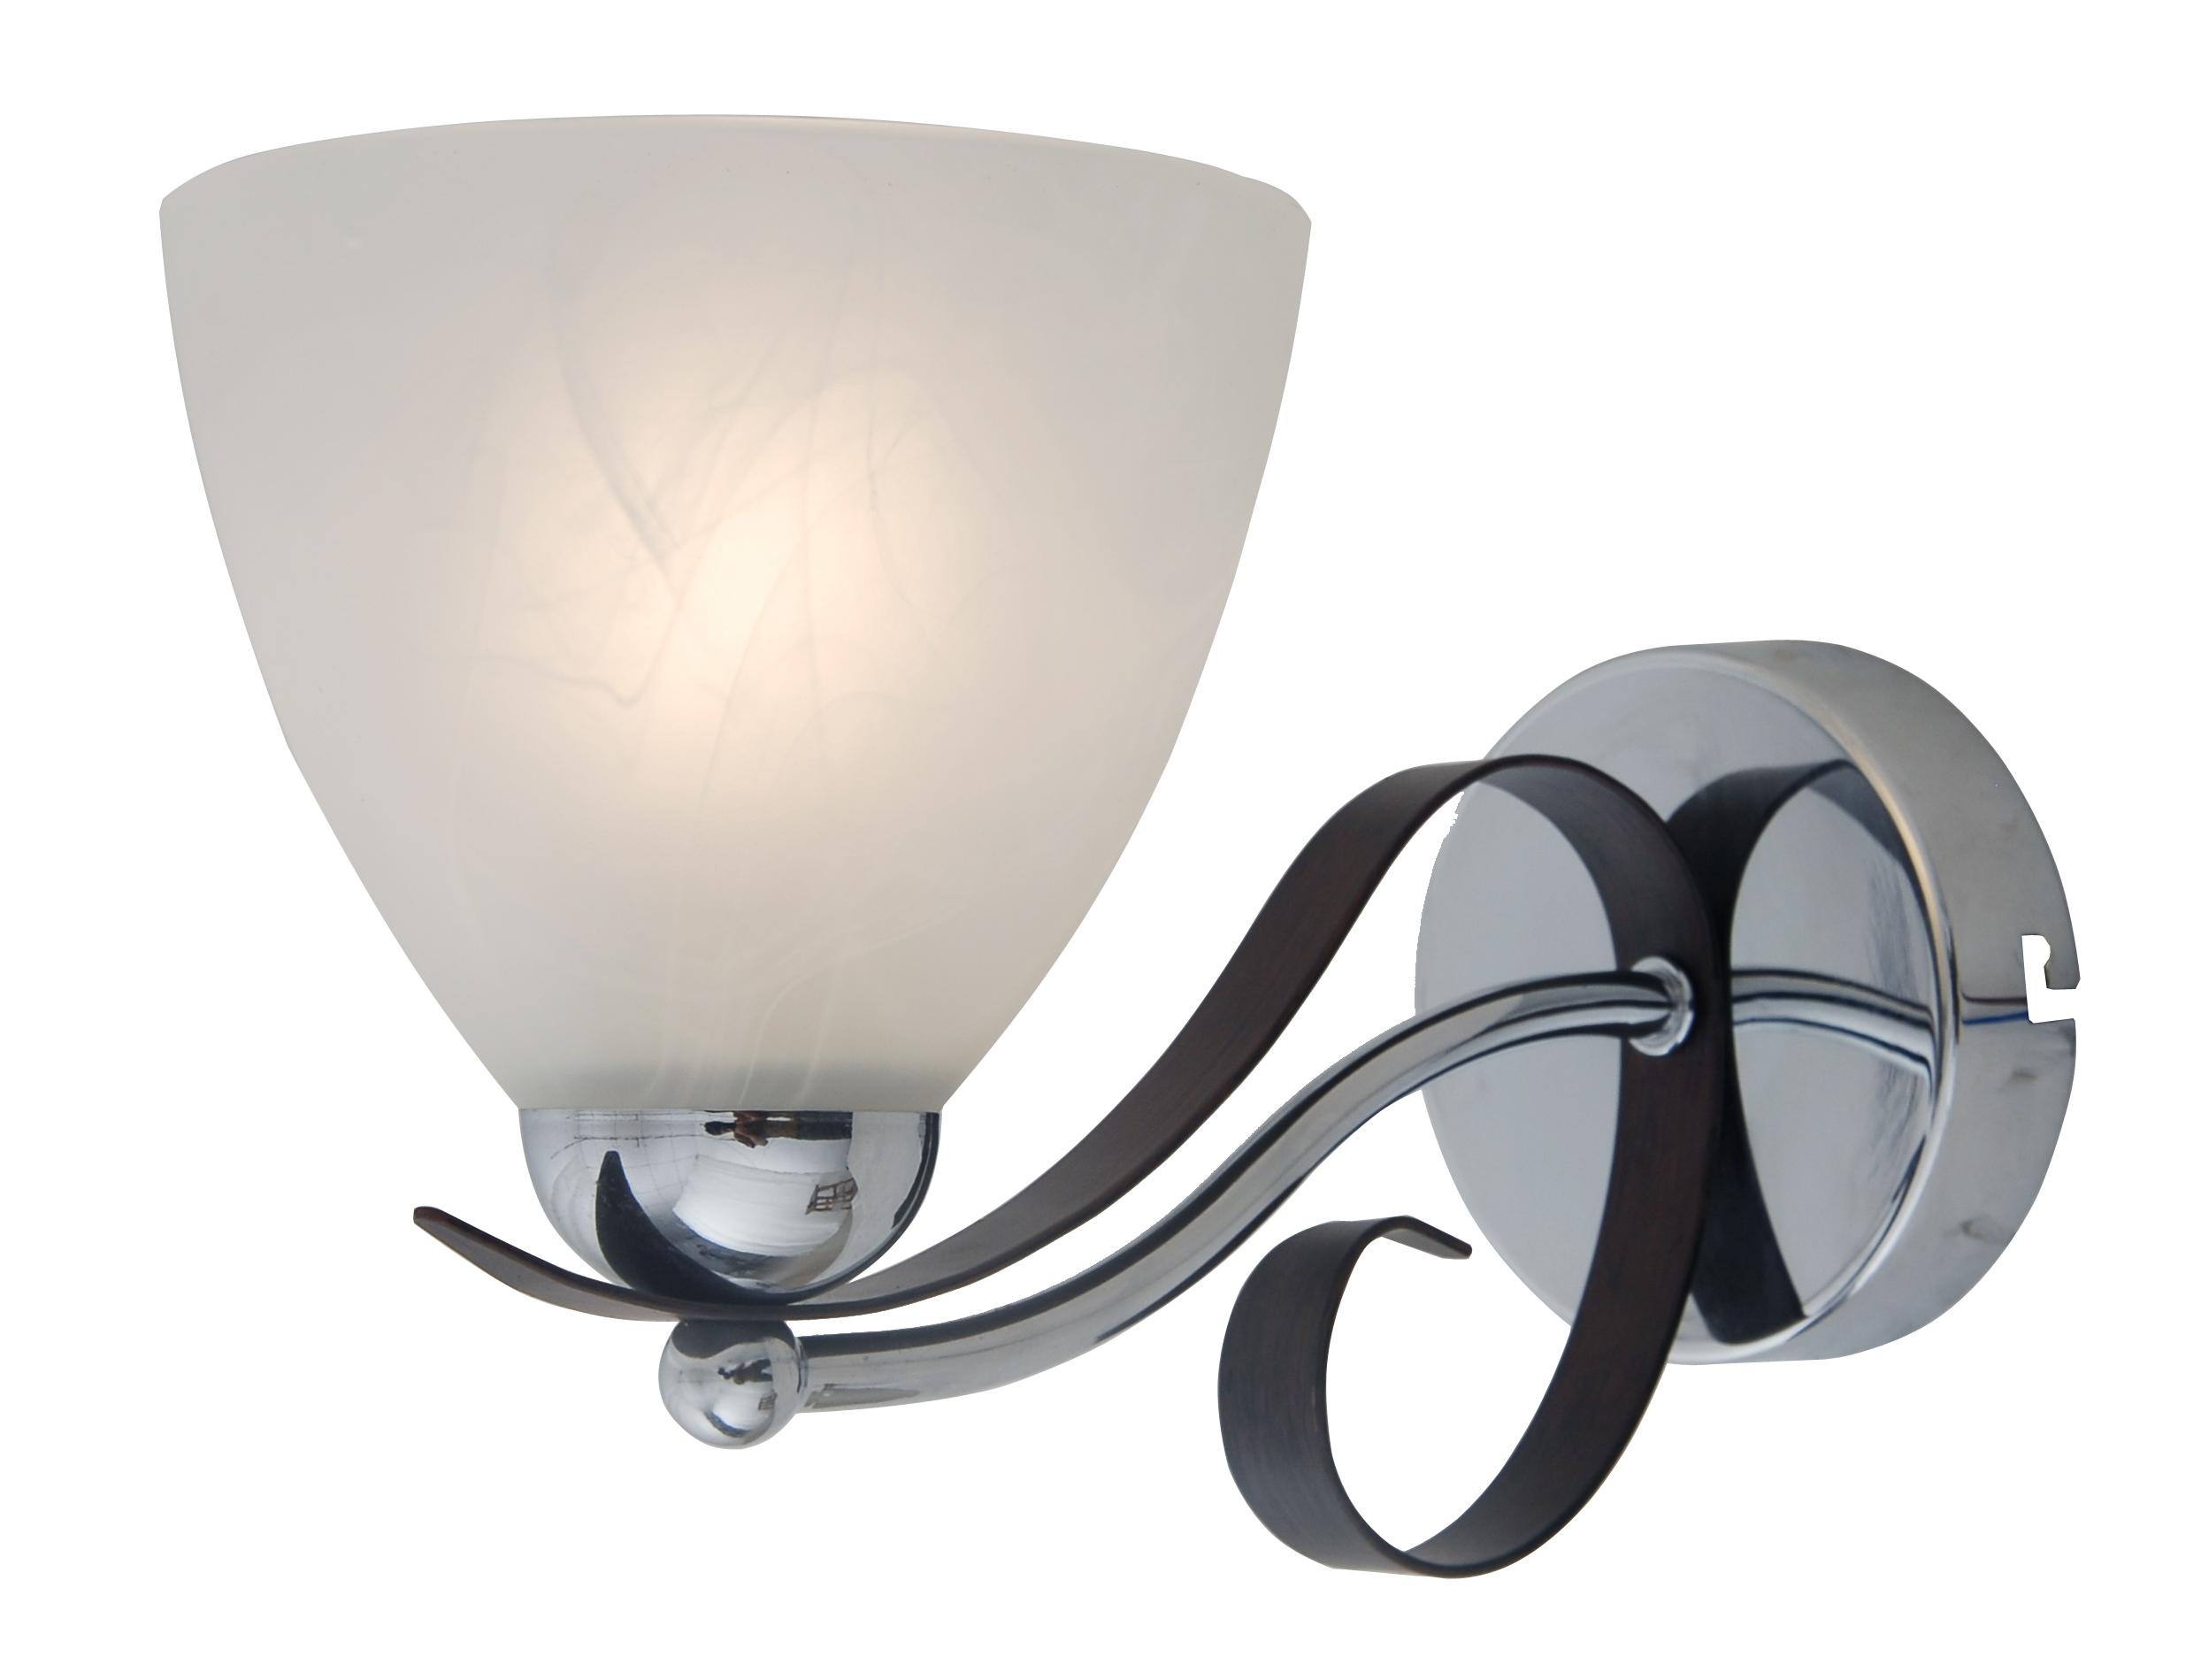 Бра LamplandiaНастенные светильники и бра<br>Тип: бра,<br>Назначение светильника: для комнаты,<br>Стиль светильника: модерн,<br>Материал светильника: металл, стекло,<br>Количество ламп: 1,<br>Мощность: 60,<br>Патрон: Е27,<br>Цвет арматуры: хром,<br>Длина (мм): 250,<br>Ширина: 140,<br>Высота: 170<br>